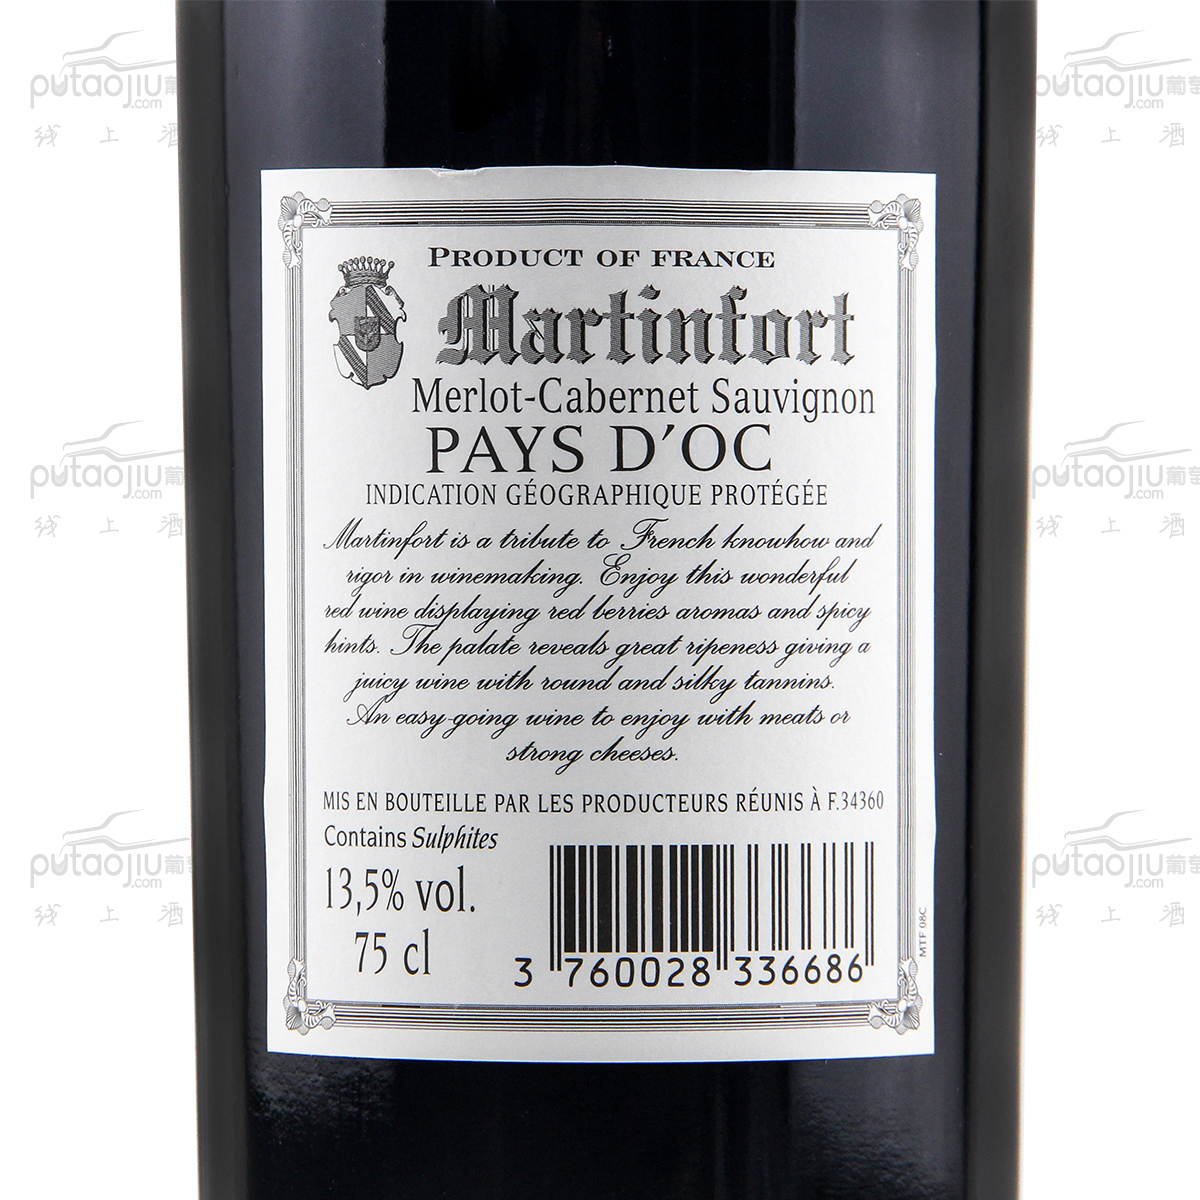 法国朗格多克鲁西荣玛丹福酒庄赤霞珠梅洛干红葡萄酒